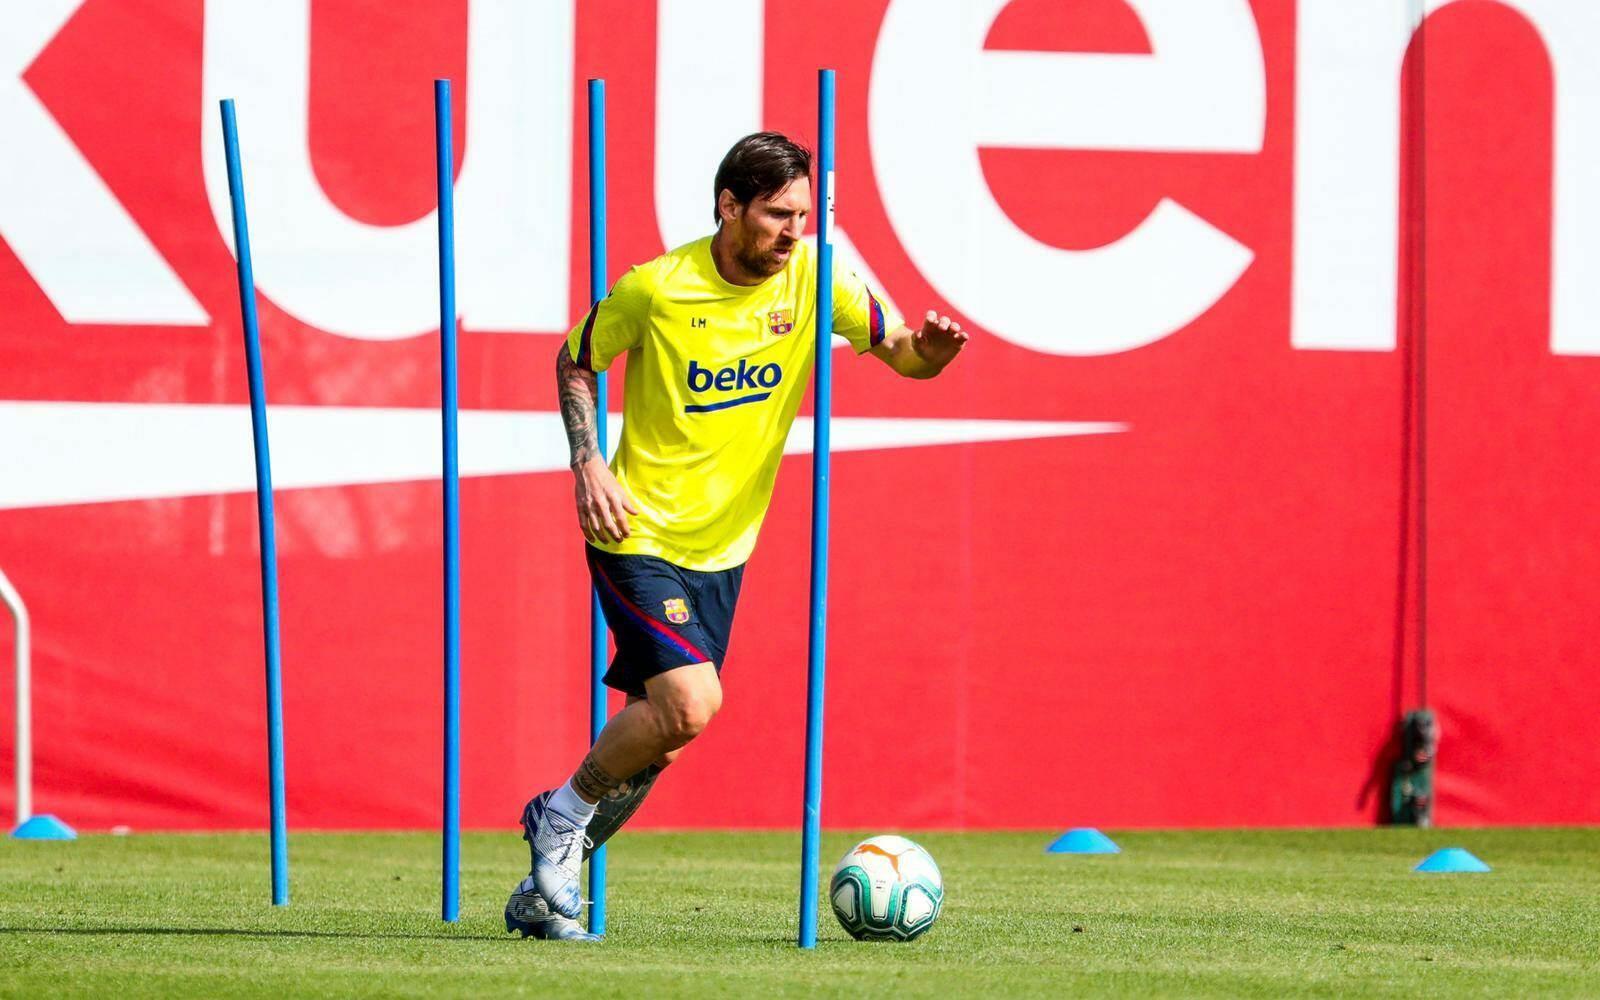 بعد 56 يوماً.. برشلونة يعود للتدريبات